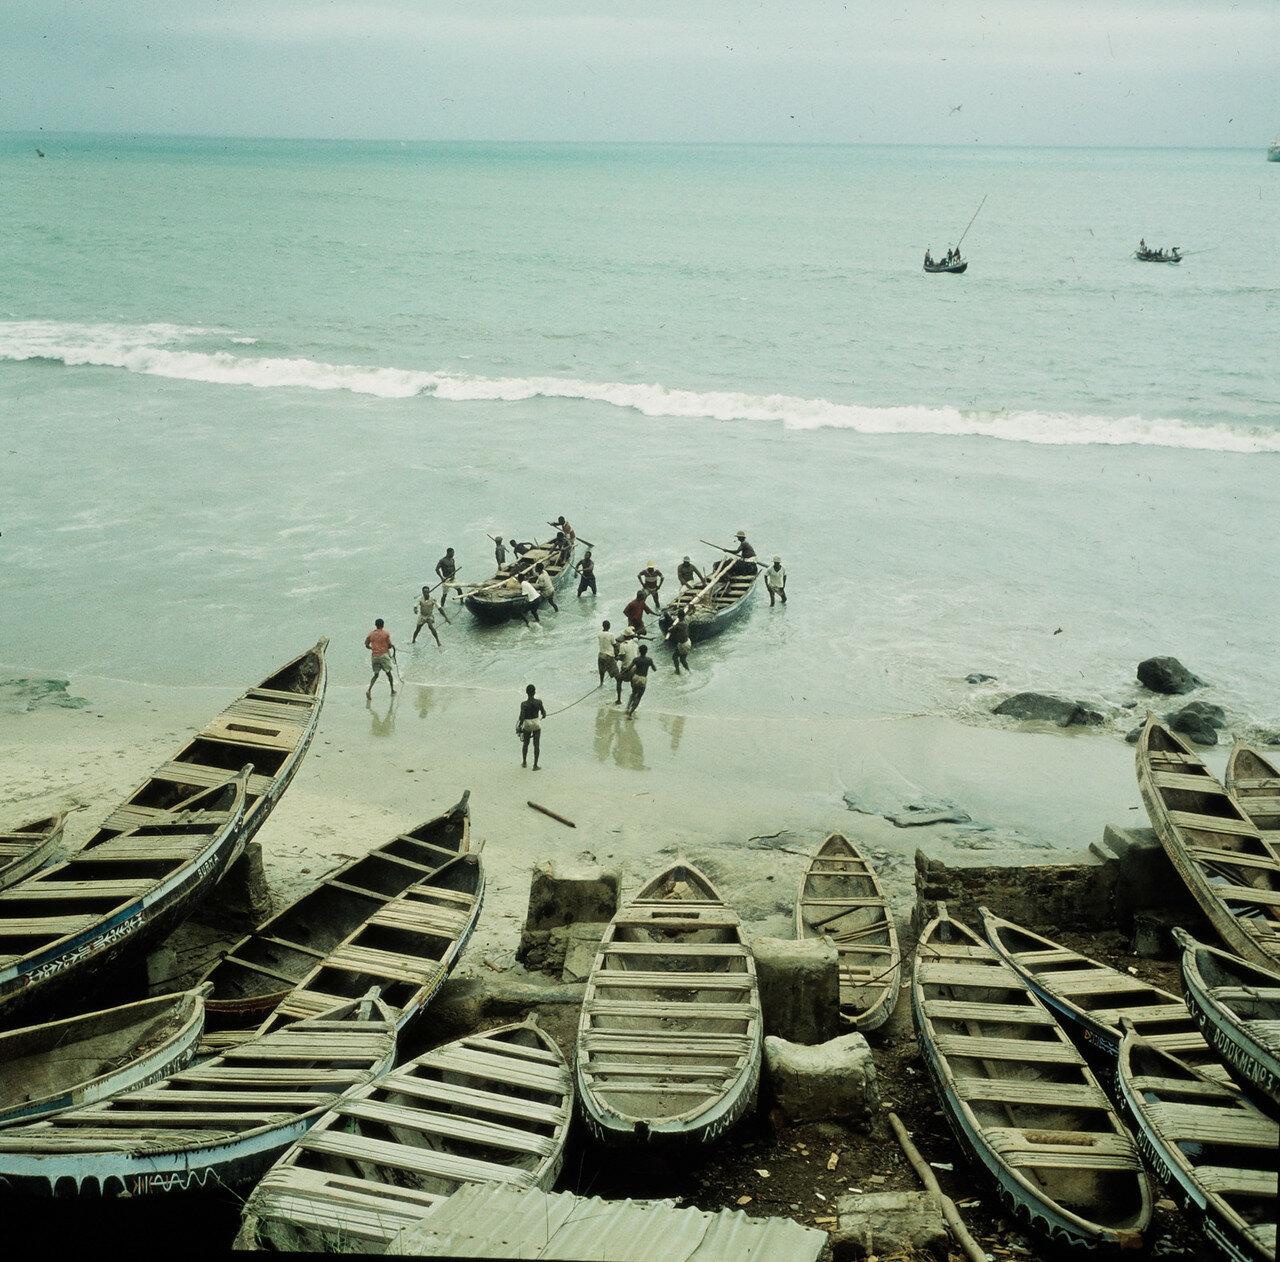 Перевозка товаров с грузовых судов на сушу осуществляется с помощью прибойных шлюпок.  3 апреля